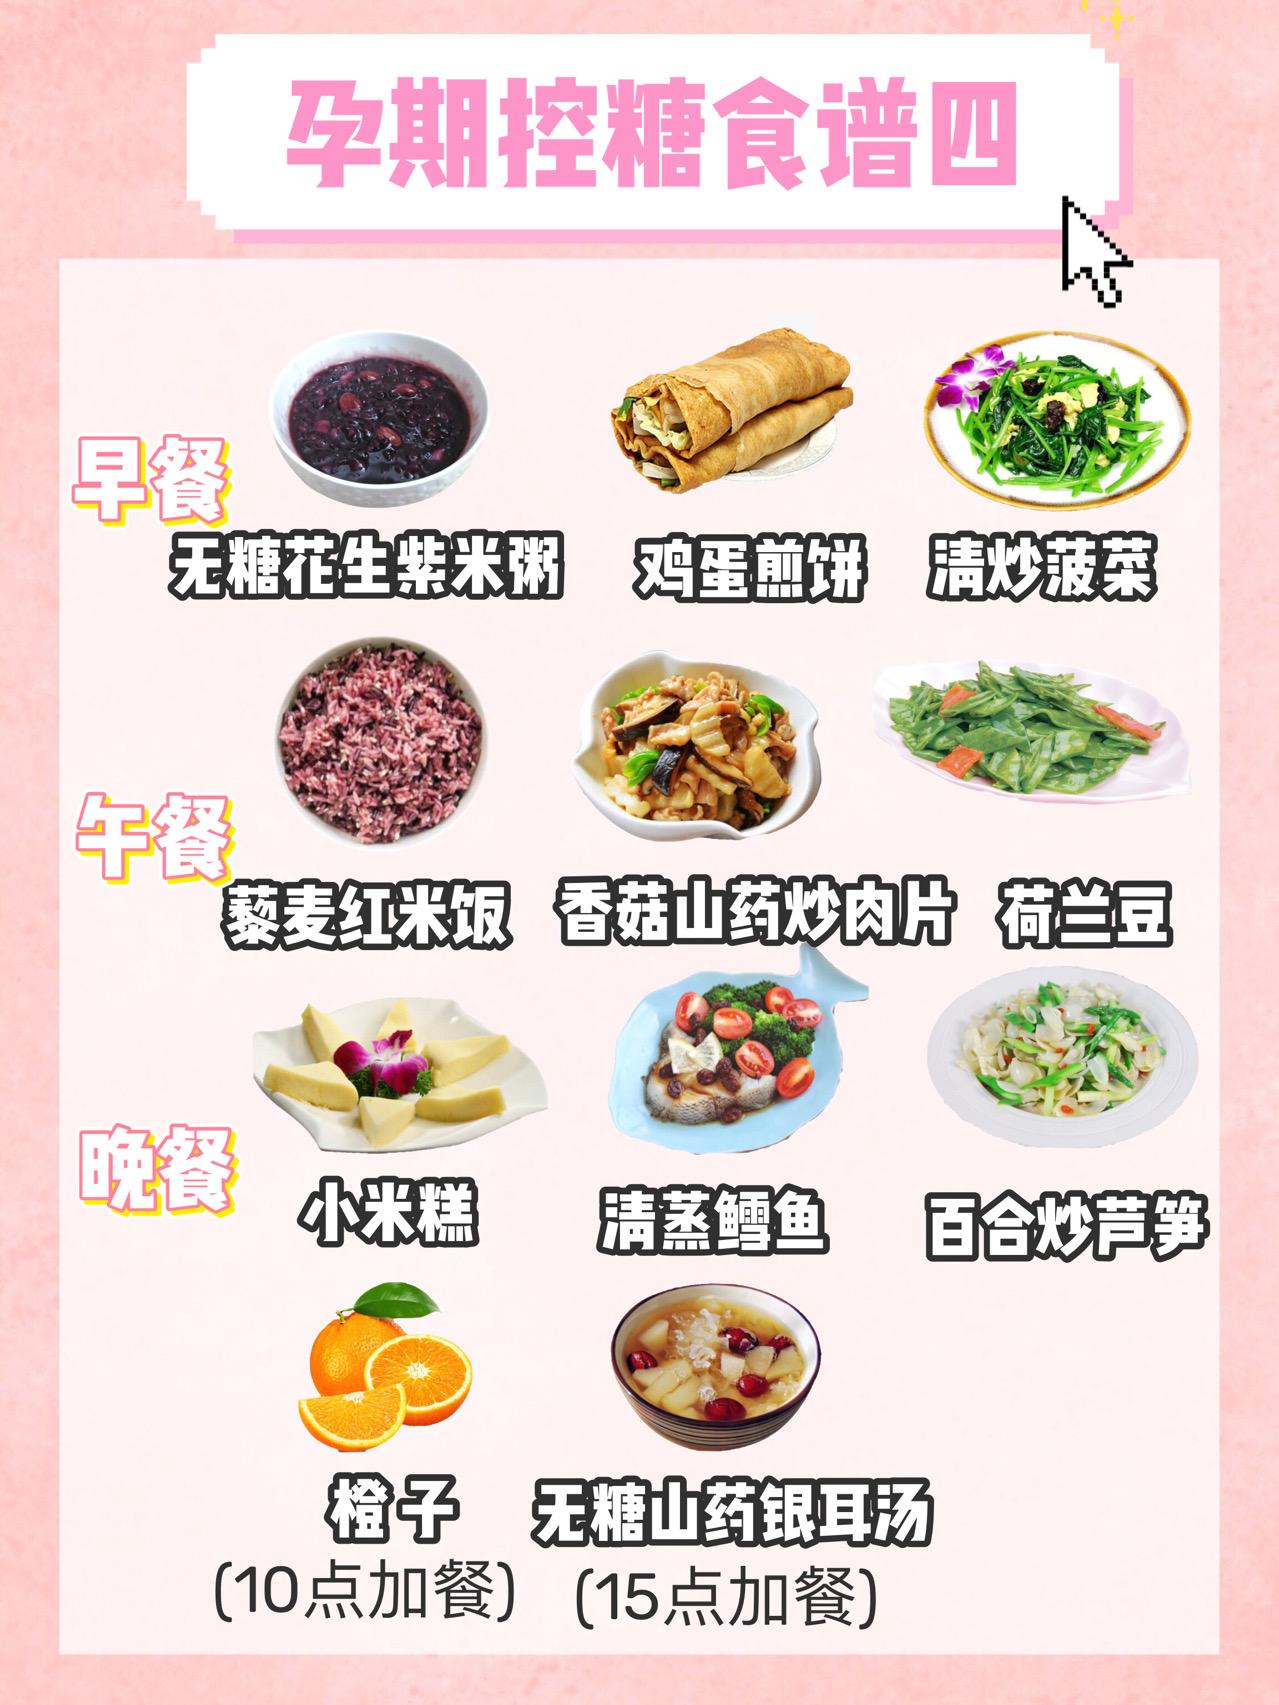 孕期控糖食谱,长胎不长肉,满满的干货 孕妇菜谱 第4张